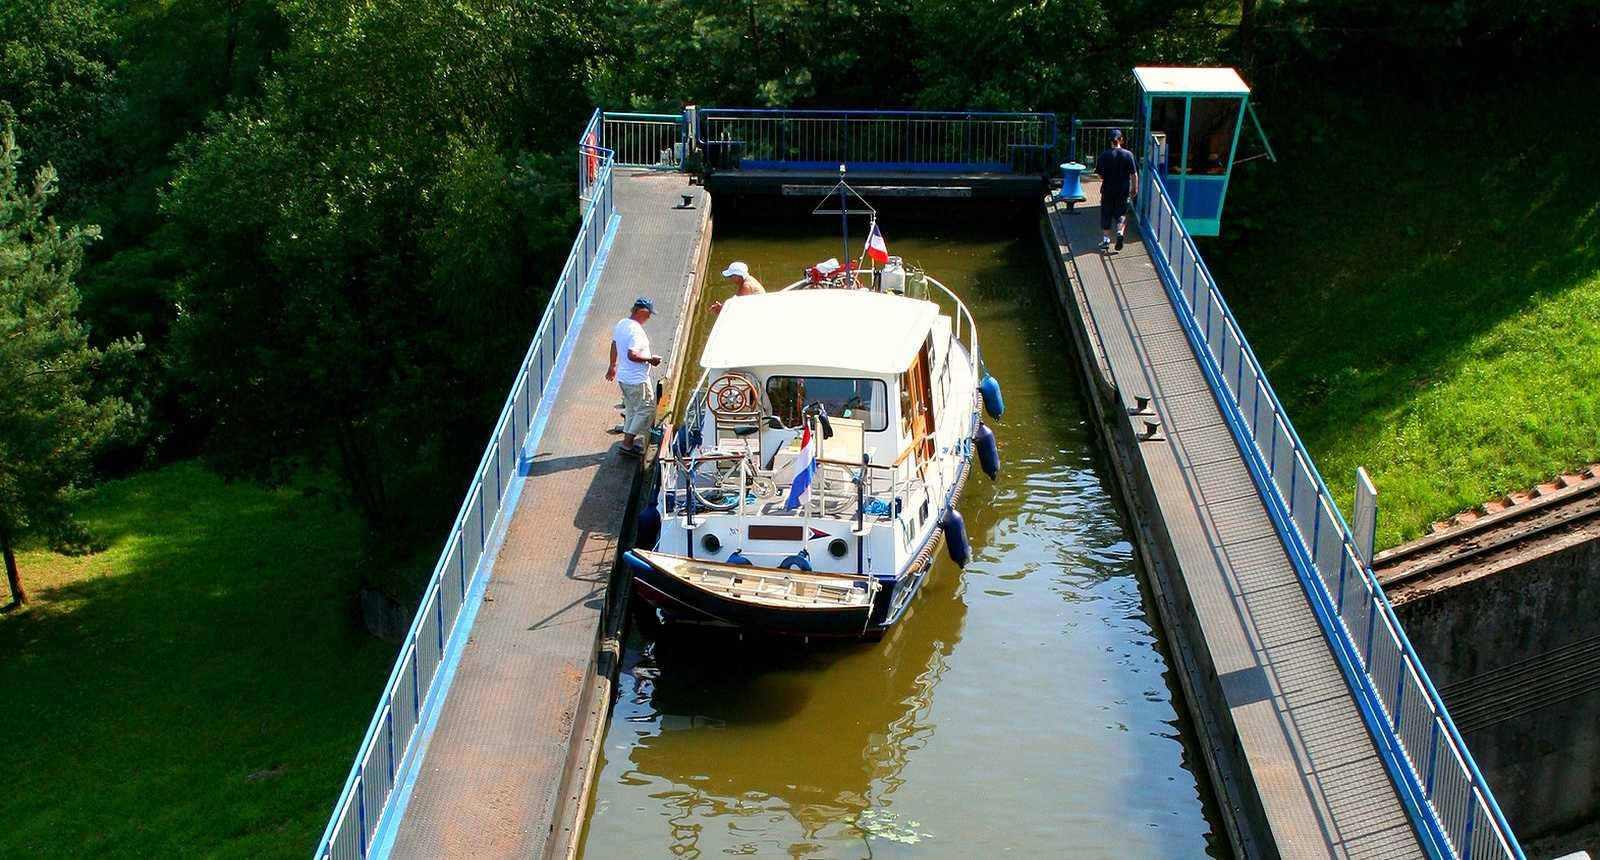 L'écluse Freycinet d'Arzviller sur le Canal de la Marne au Rhin